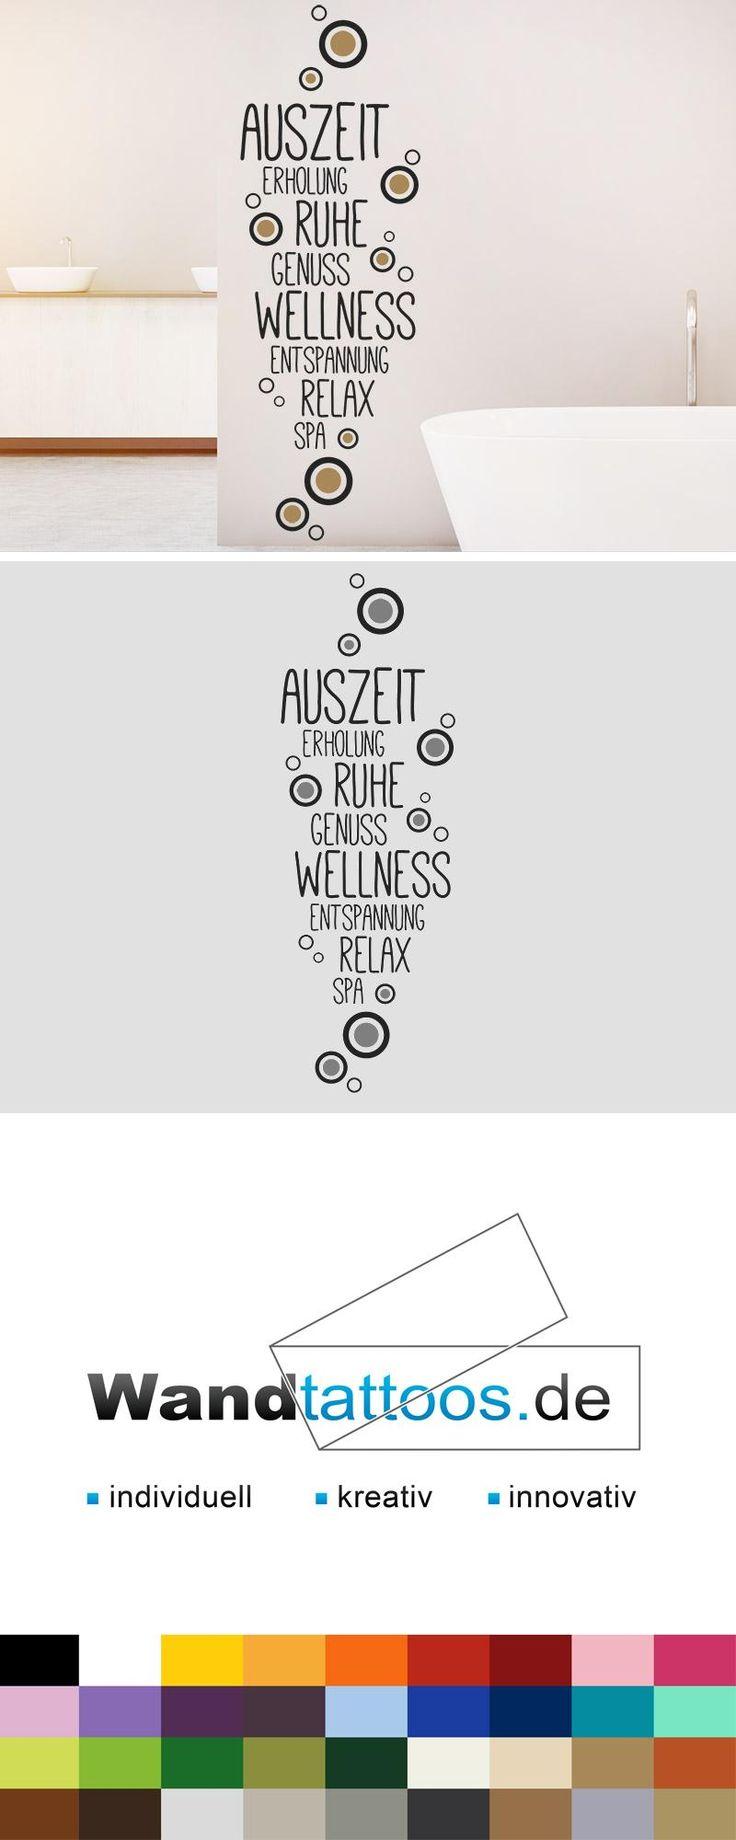 Fantastisch Wandtattoo Harmonische Auszeit Als Idee Zur Individuellen Wandgestaltung.  Einfach Lieblingsfarbe Und Größe Auswählen. Weitere